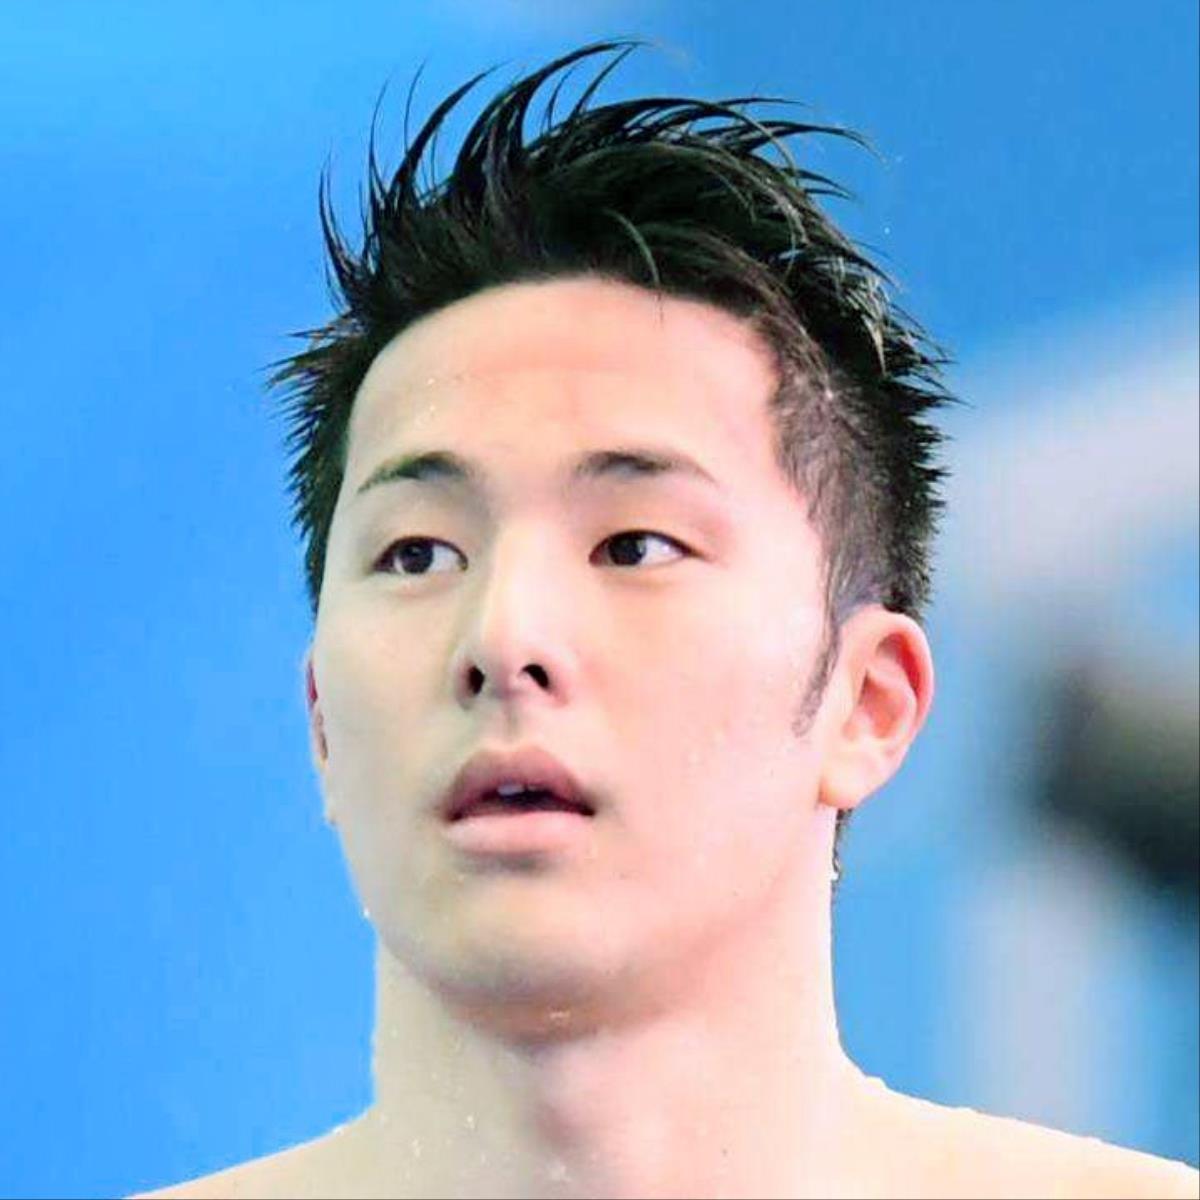 瀬戸大也、不倫報道でCM動画削除…水泳関係者「まずは信頼回復」